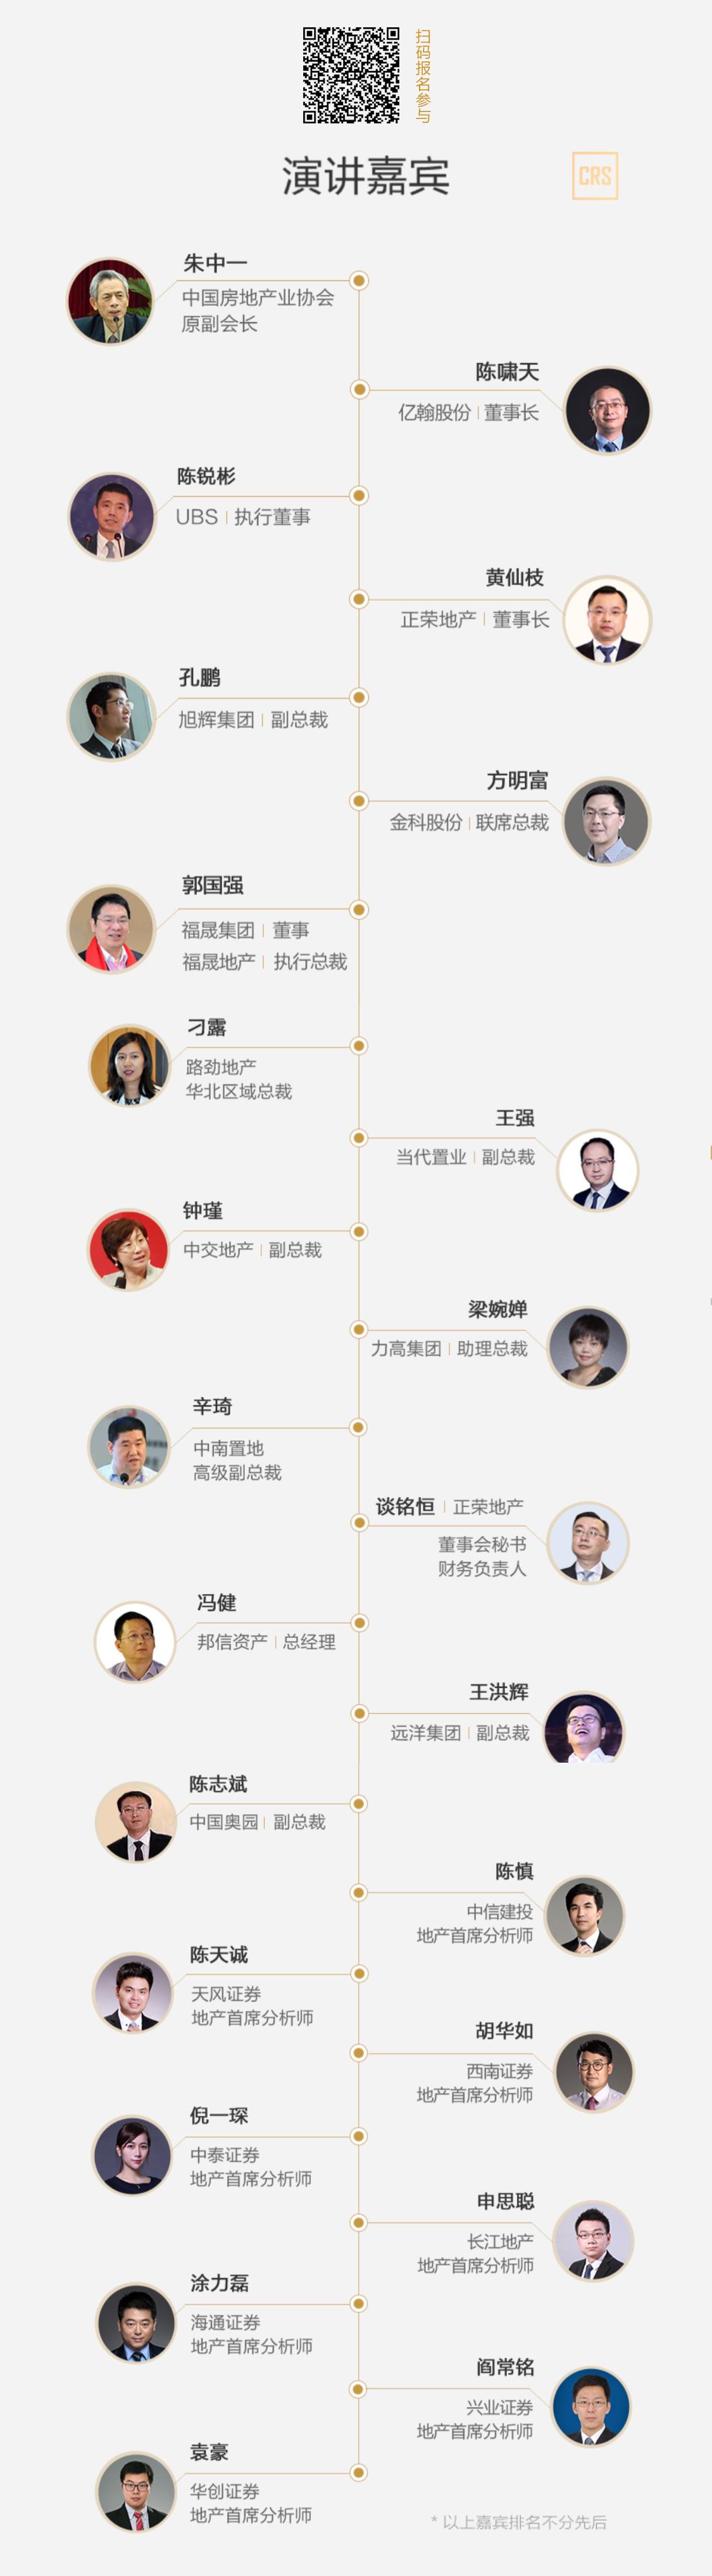 房地产企业上市融资_中国上市房企百强即将揭晓-业界动态-活动频道-中国网地产